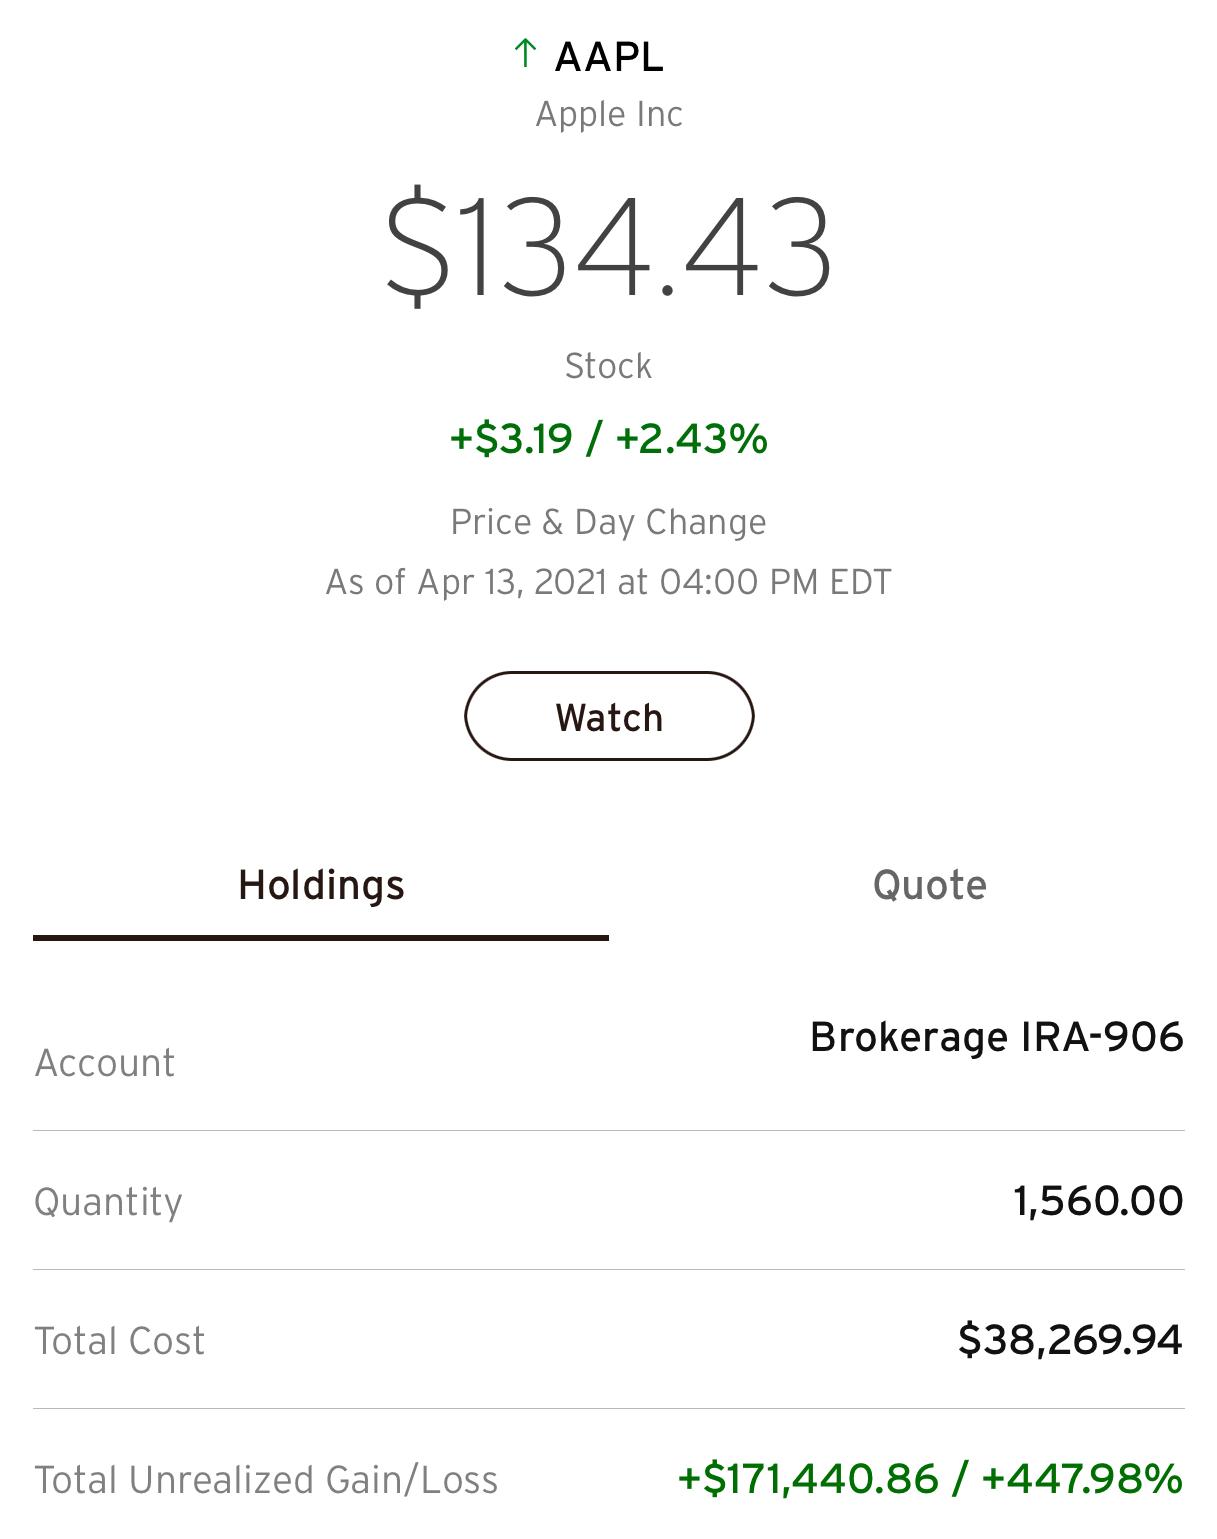 Aurait pu être un millionnaire de 401000 si j'étais resté à mon travail